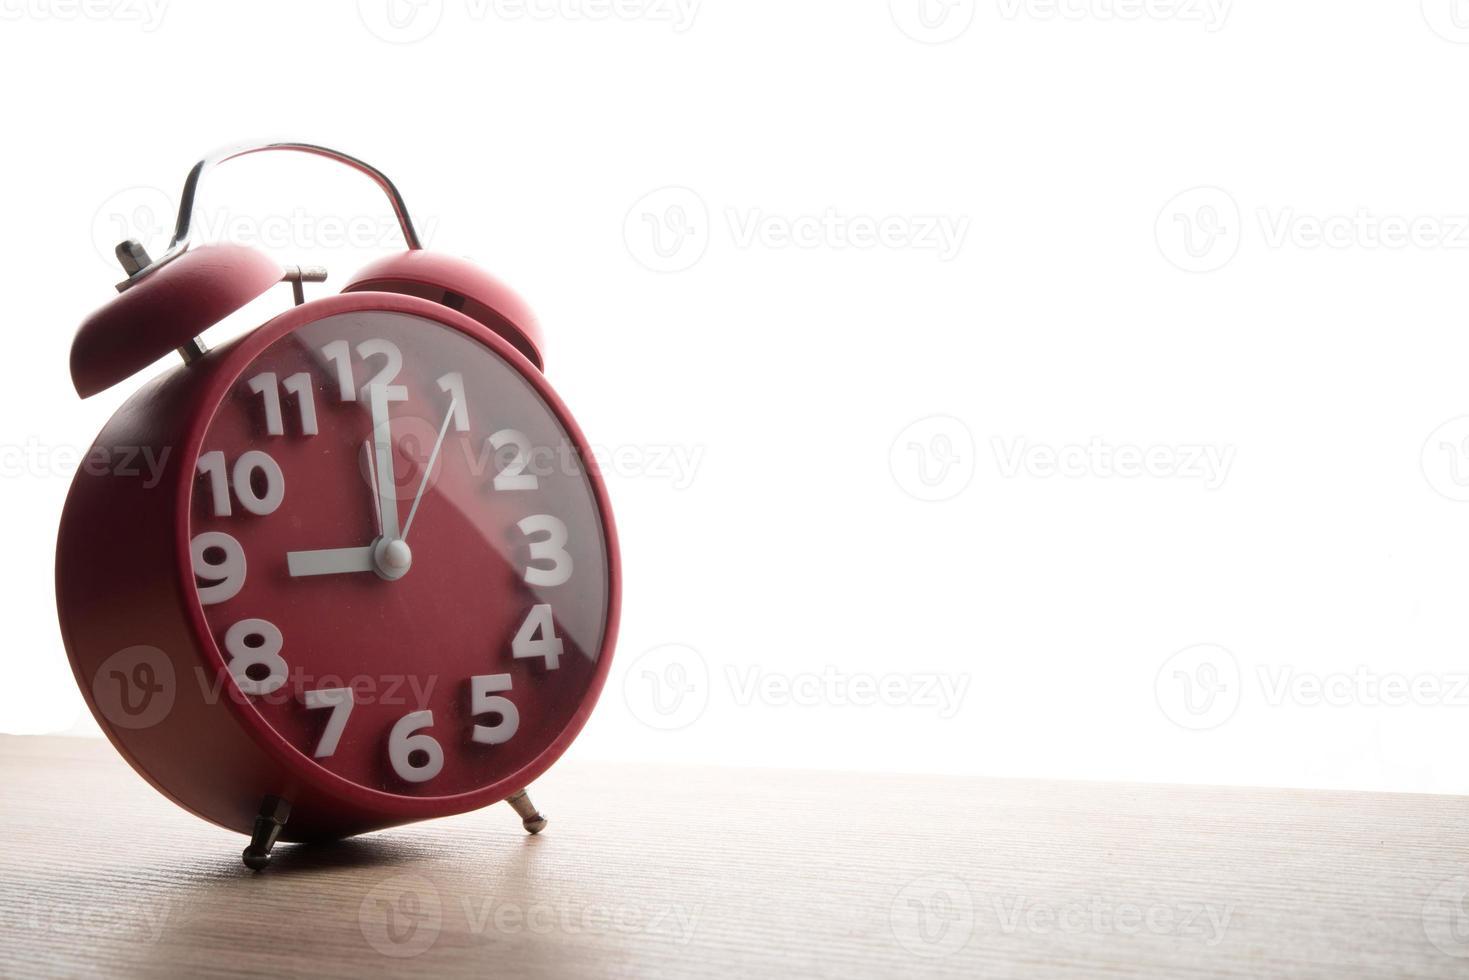 röd väckarklocka isolerad på vit bakgrund foto